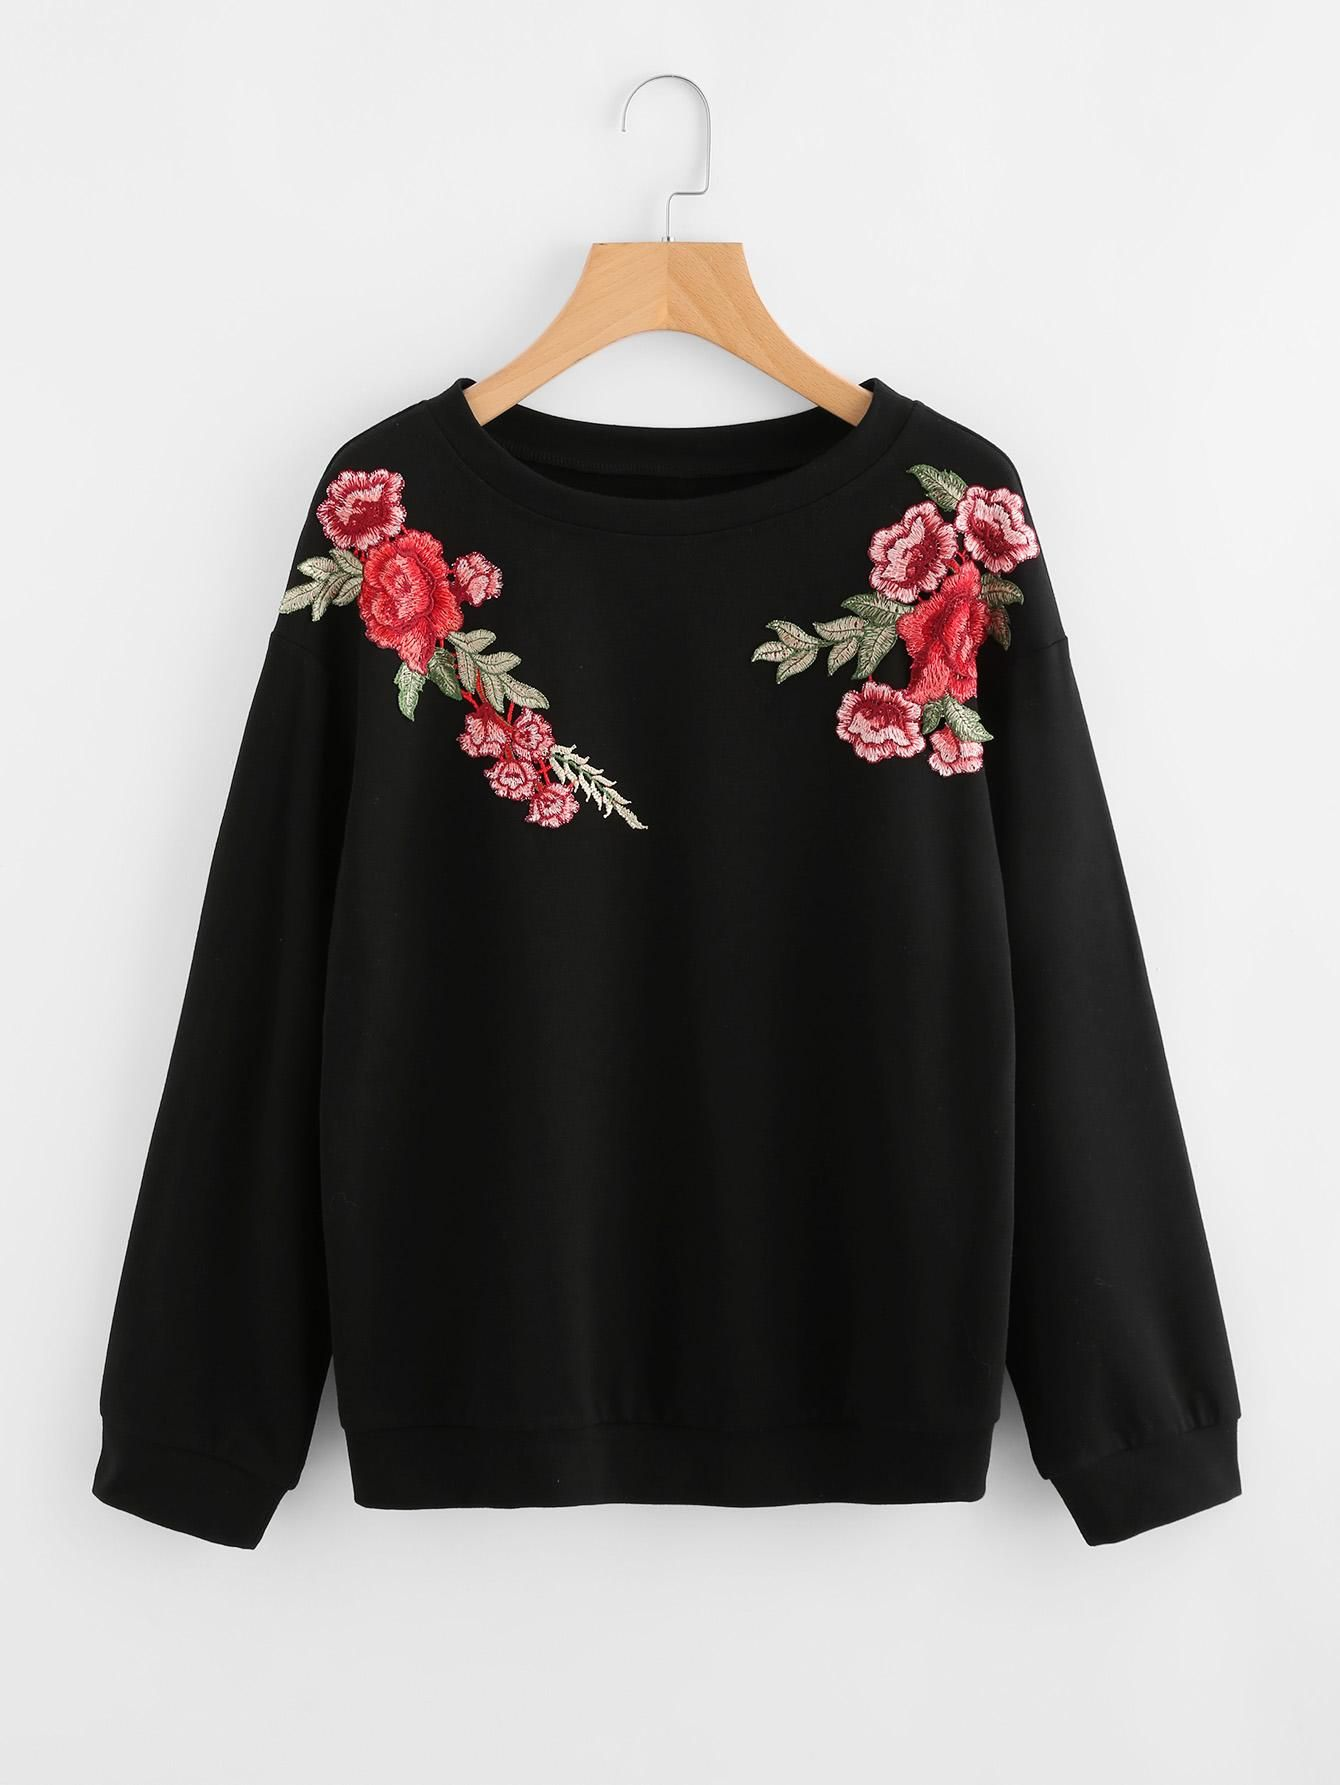 #AdoreWe #SheIn Womens - SheIn Embroidered Rose Patch Sweatshirt -  AdoreWe.com